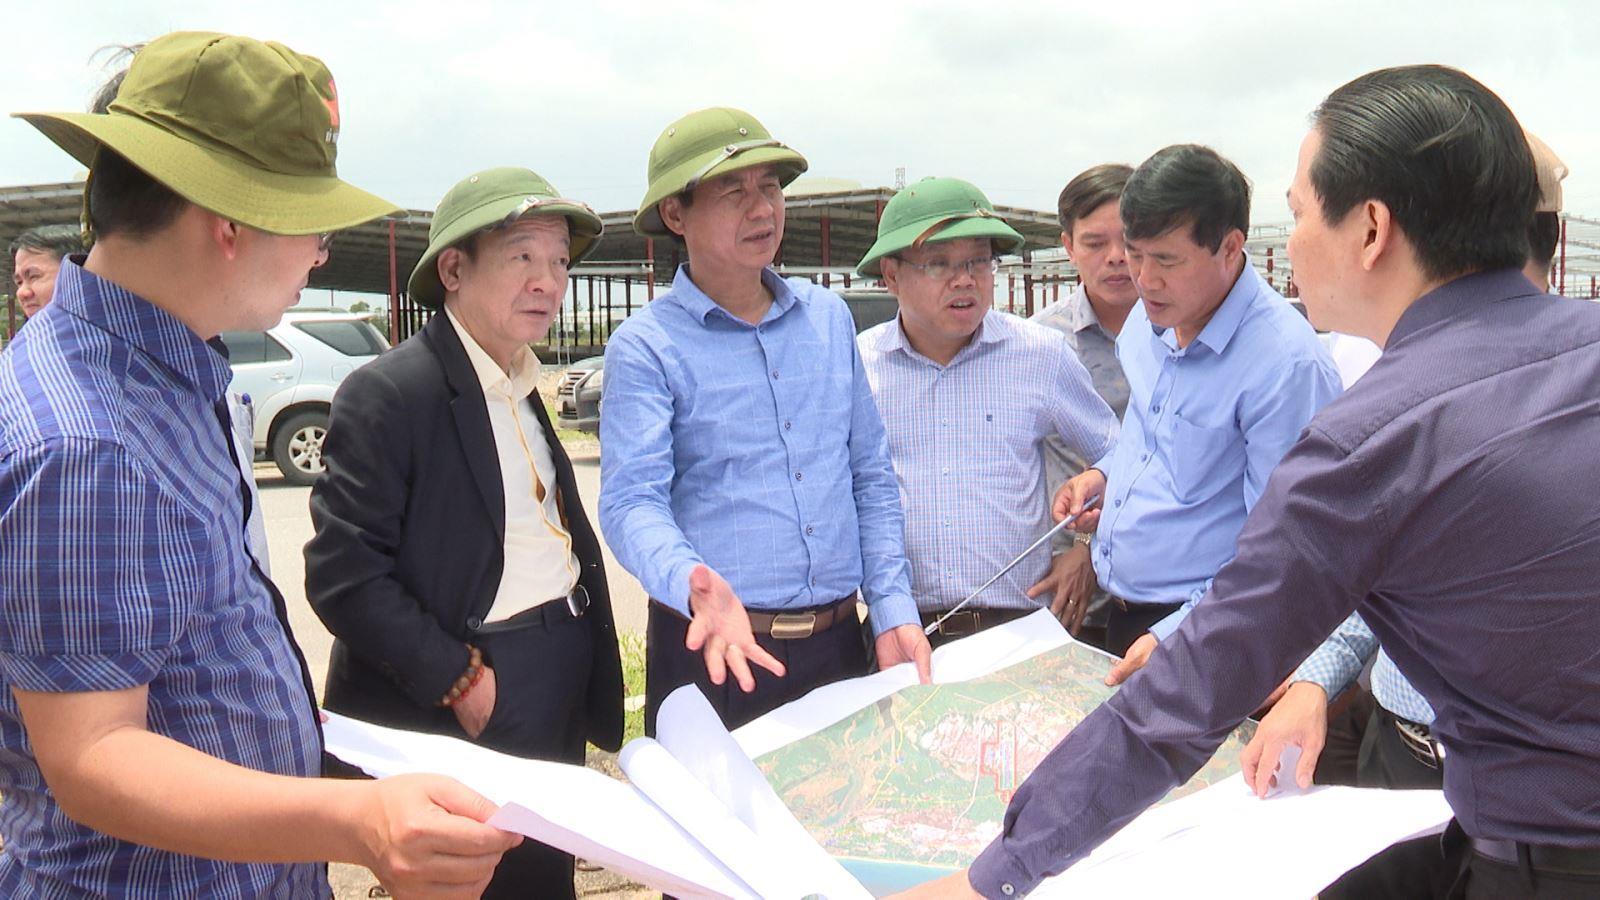 Lãnh đạo tỉnh và Công ty cổ phần Tập đoàn T&T khảo sát khu vực dự kiến xây dựng các dự án đầu tư